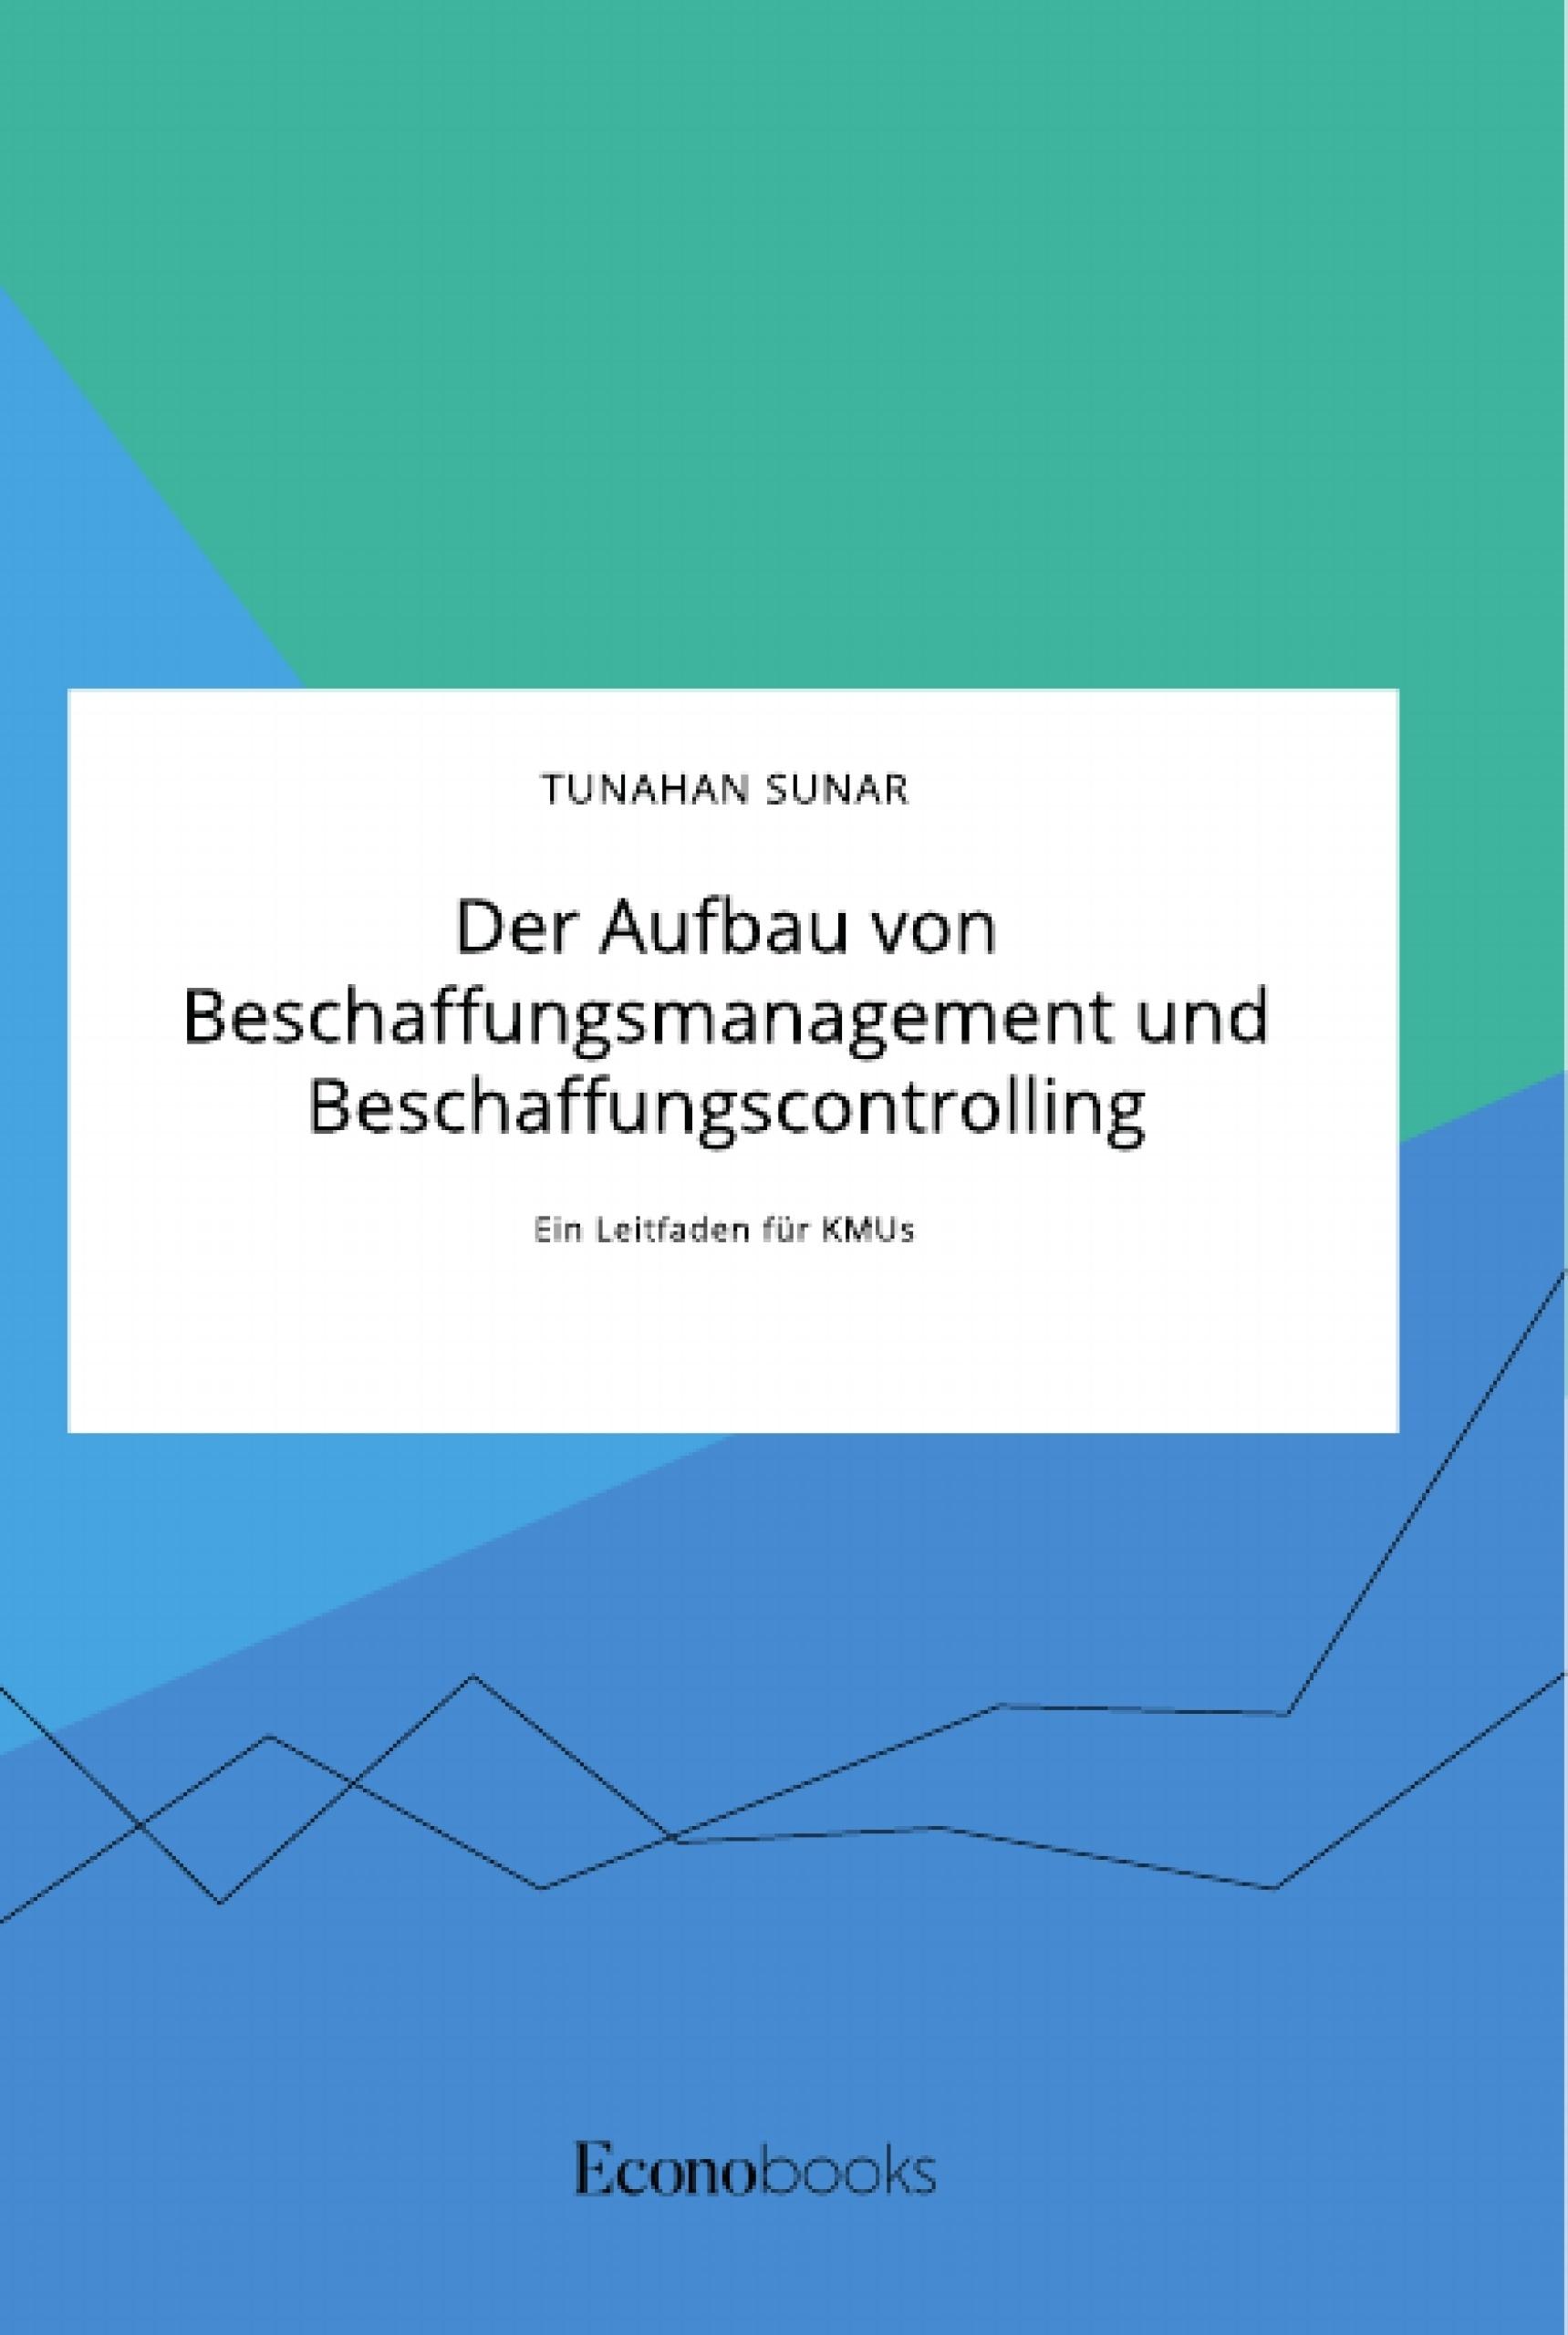 Titel: Der Aufbau von Beschaffungsmanagement und Beschaffungscontrolling